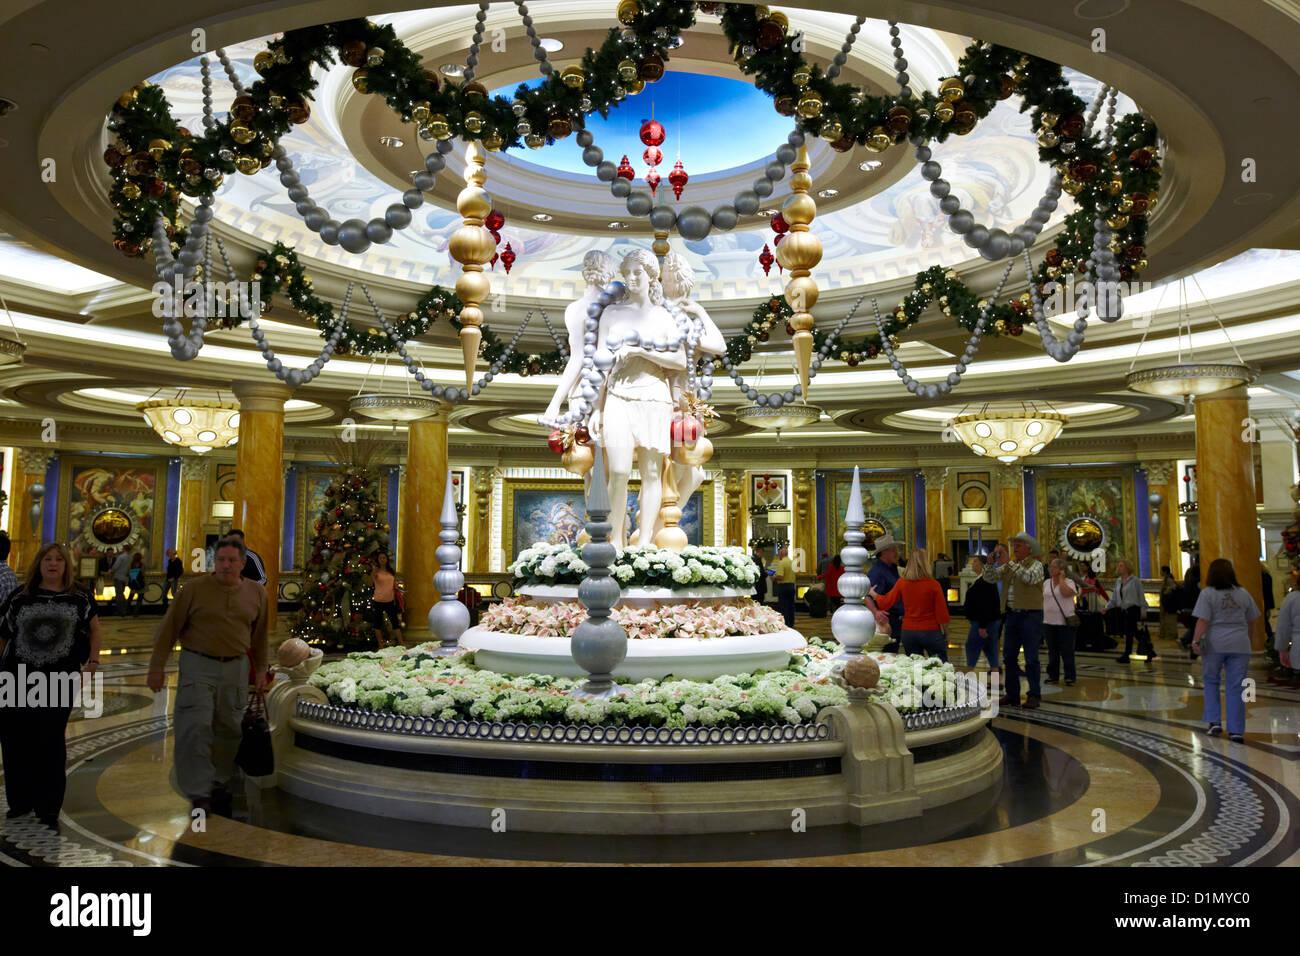 Stock photo lobby of caesars palace luxury hotel and casino las vegas nevada usa